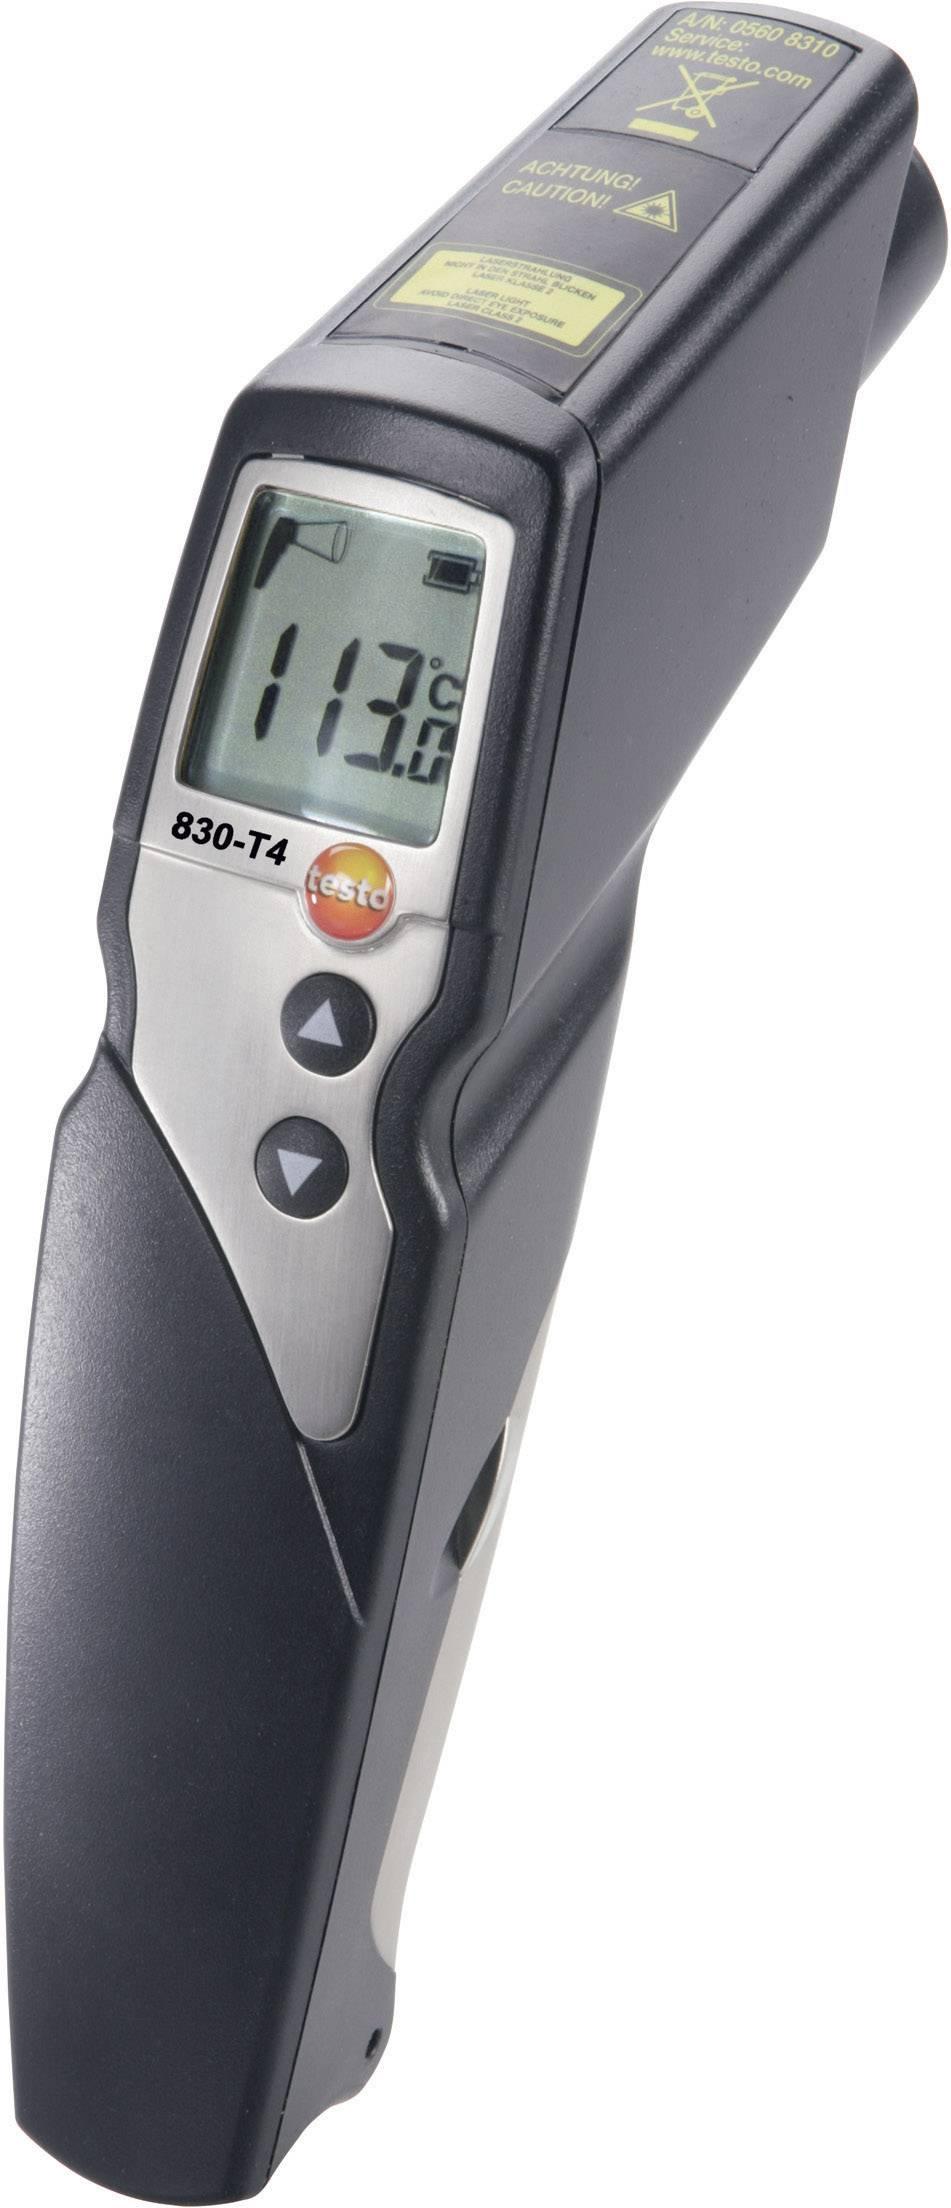 IR teplomer testo 830-T4, -30 až +400 °C